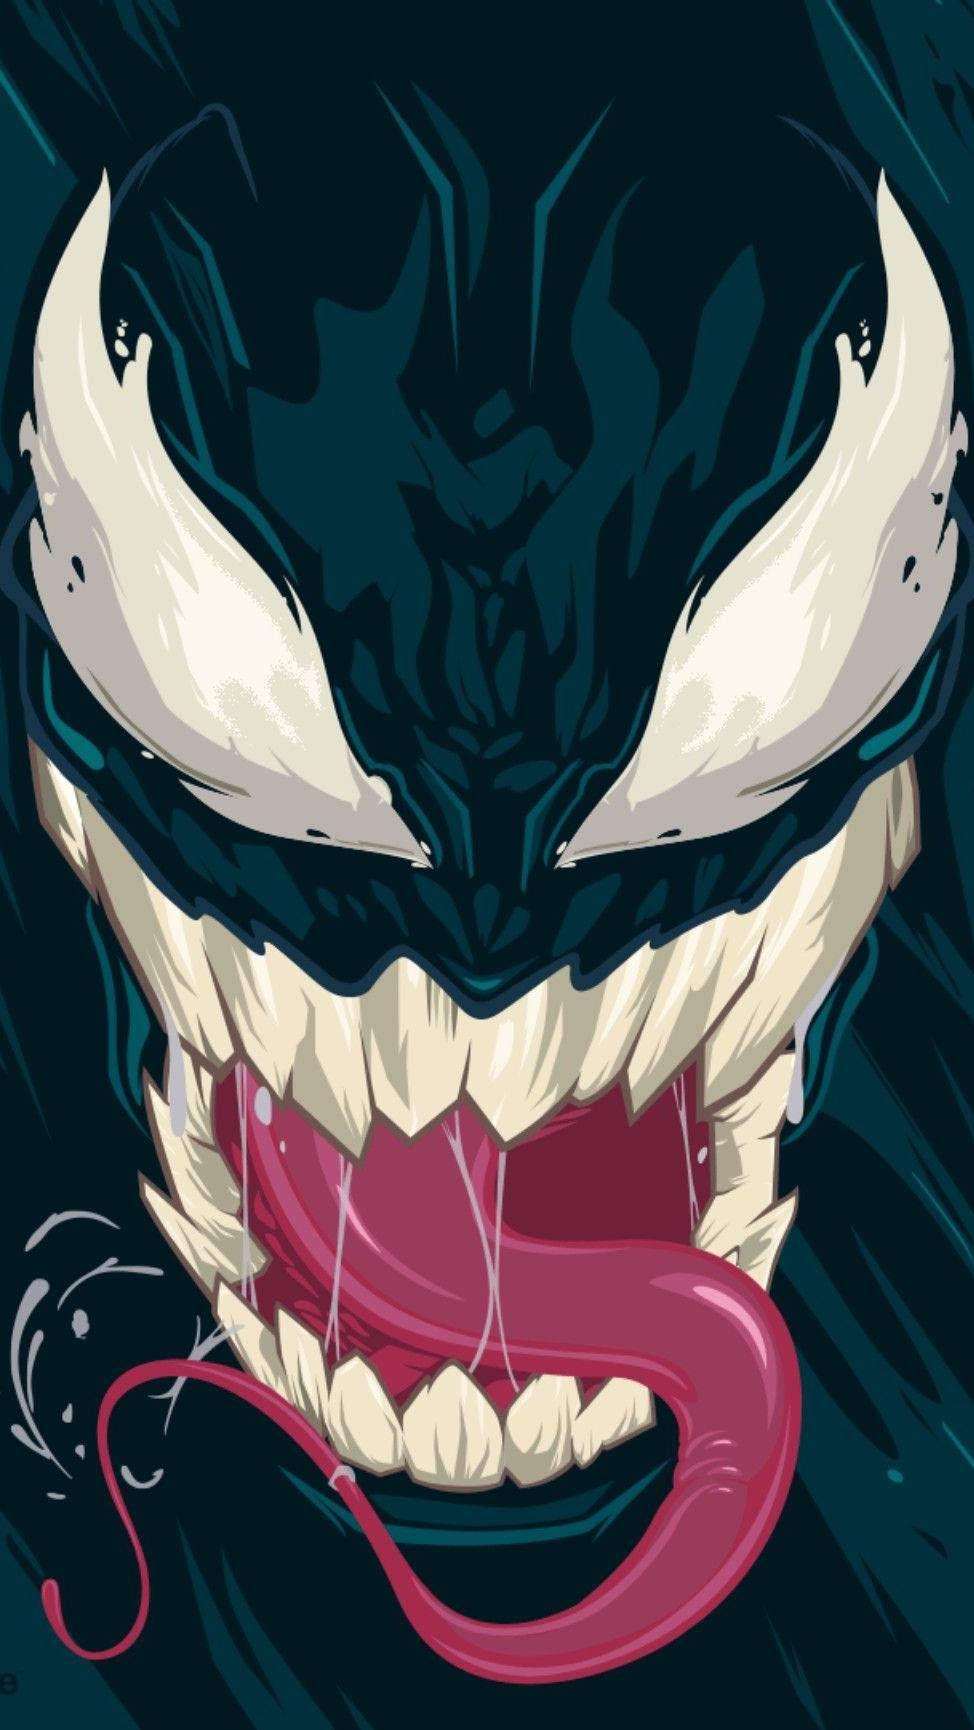 Venom wallpaper - Wallpaper Sun